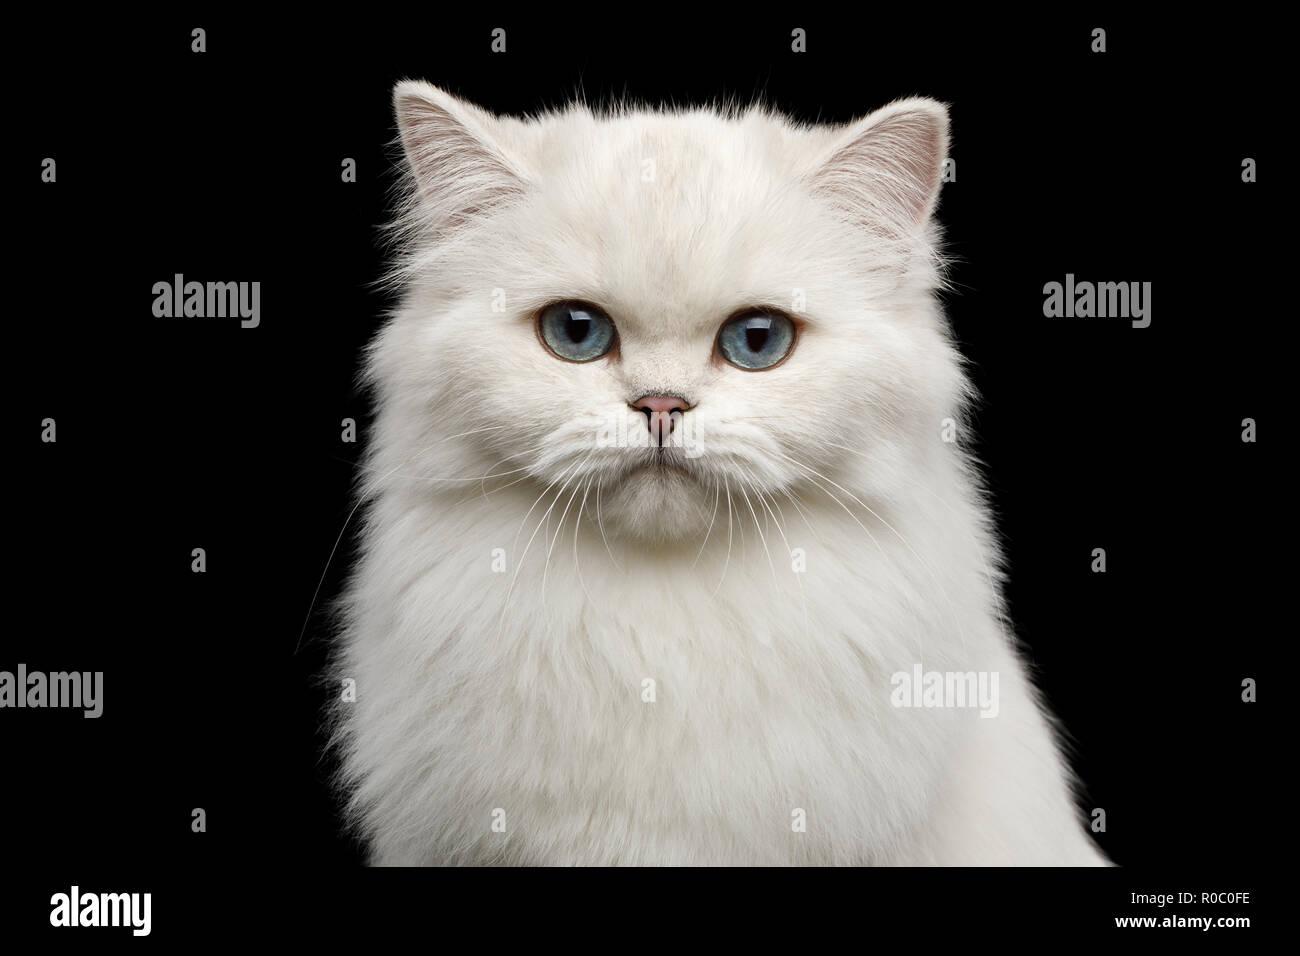 Ritratto di razza britannica Cat, colore bianco puro con gli occhi blu, guardando nella telecamera isolata su sfondo nero, vista frontale Immagini Stock